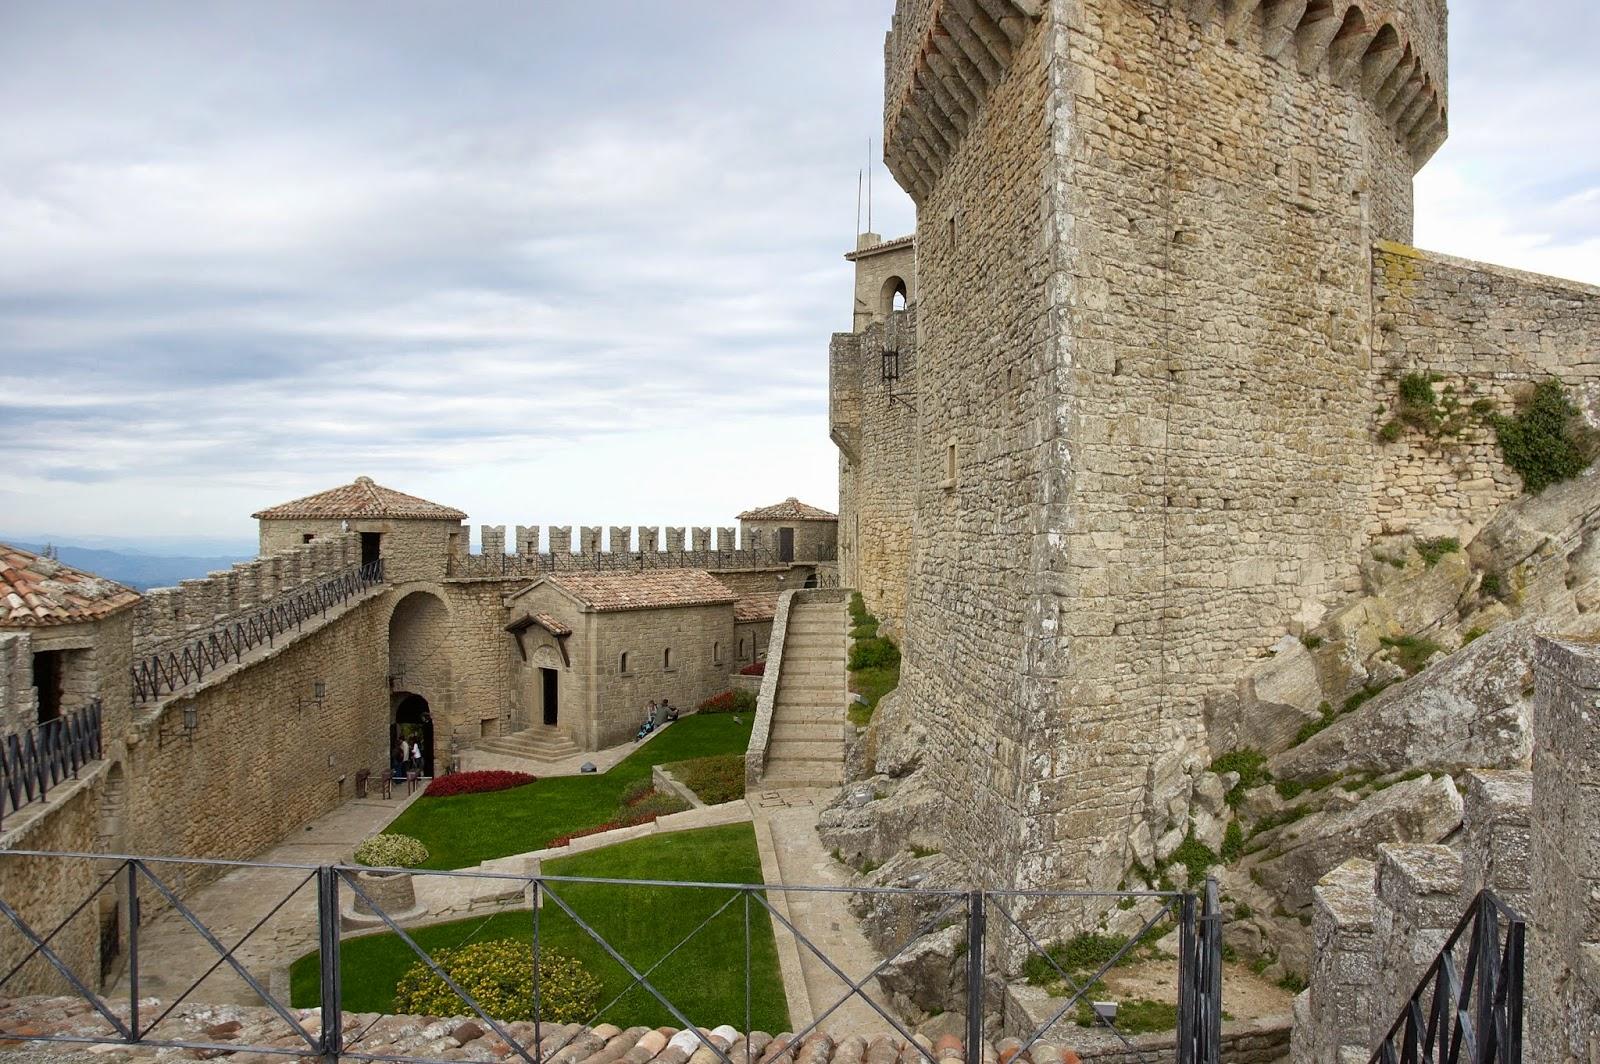 okolice Rimini i Bolonii co trzeba zobaczyć?